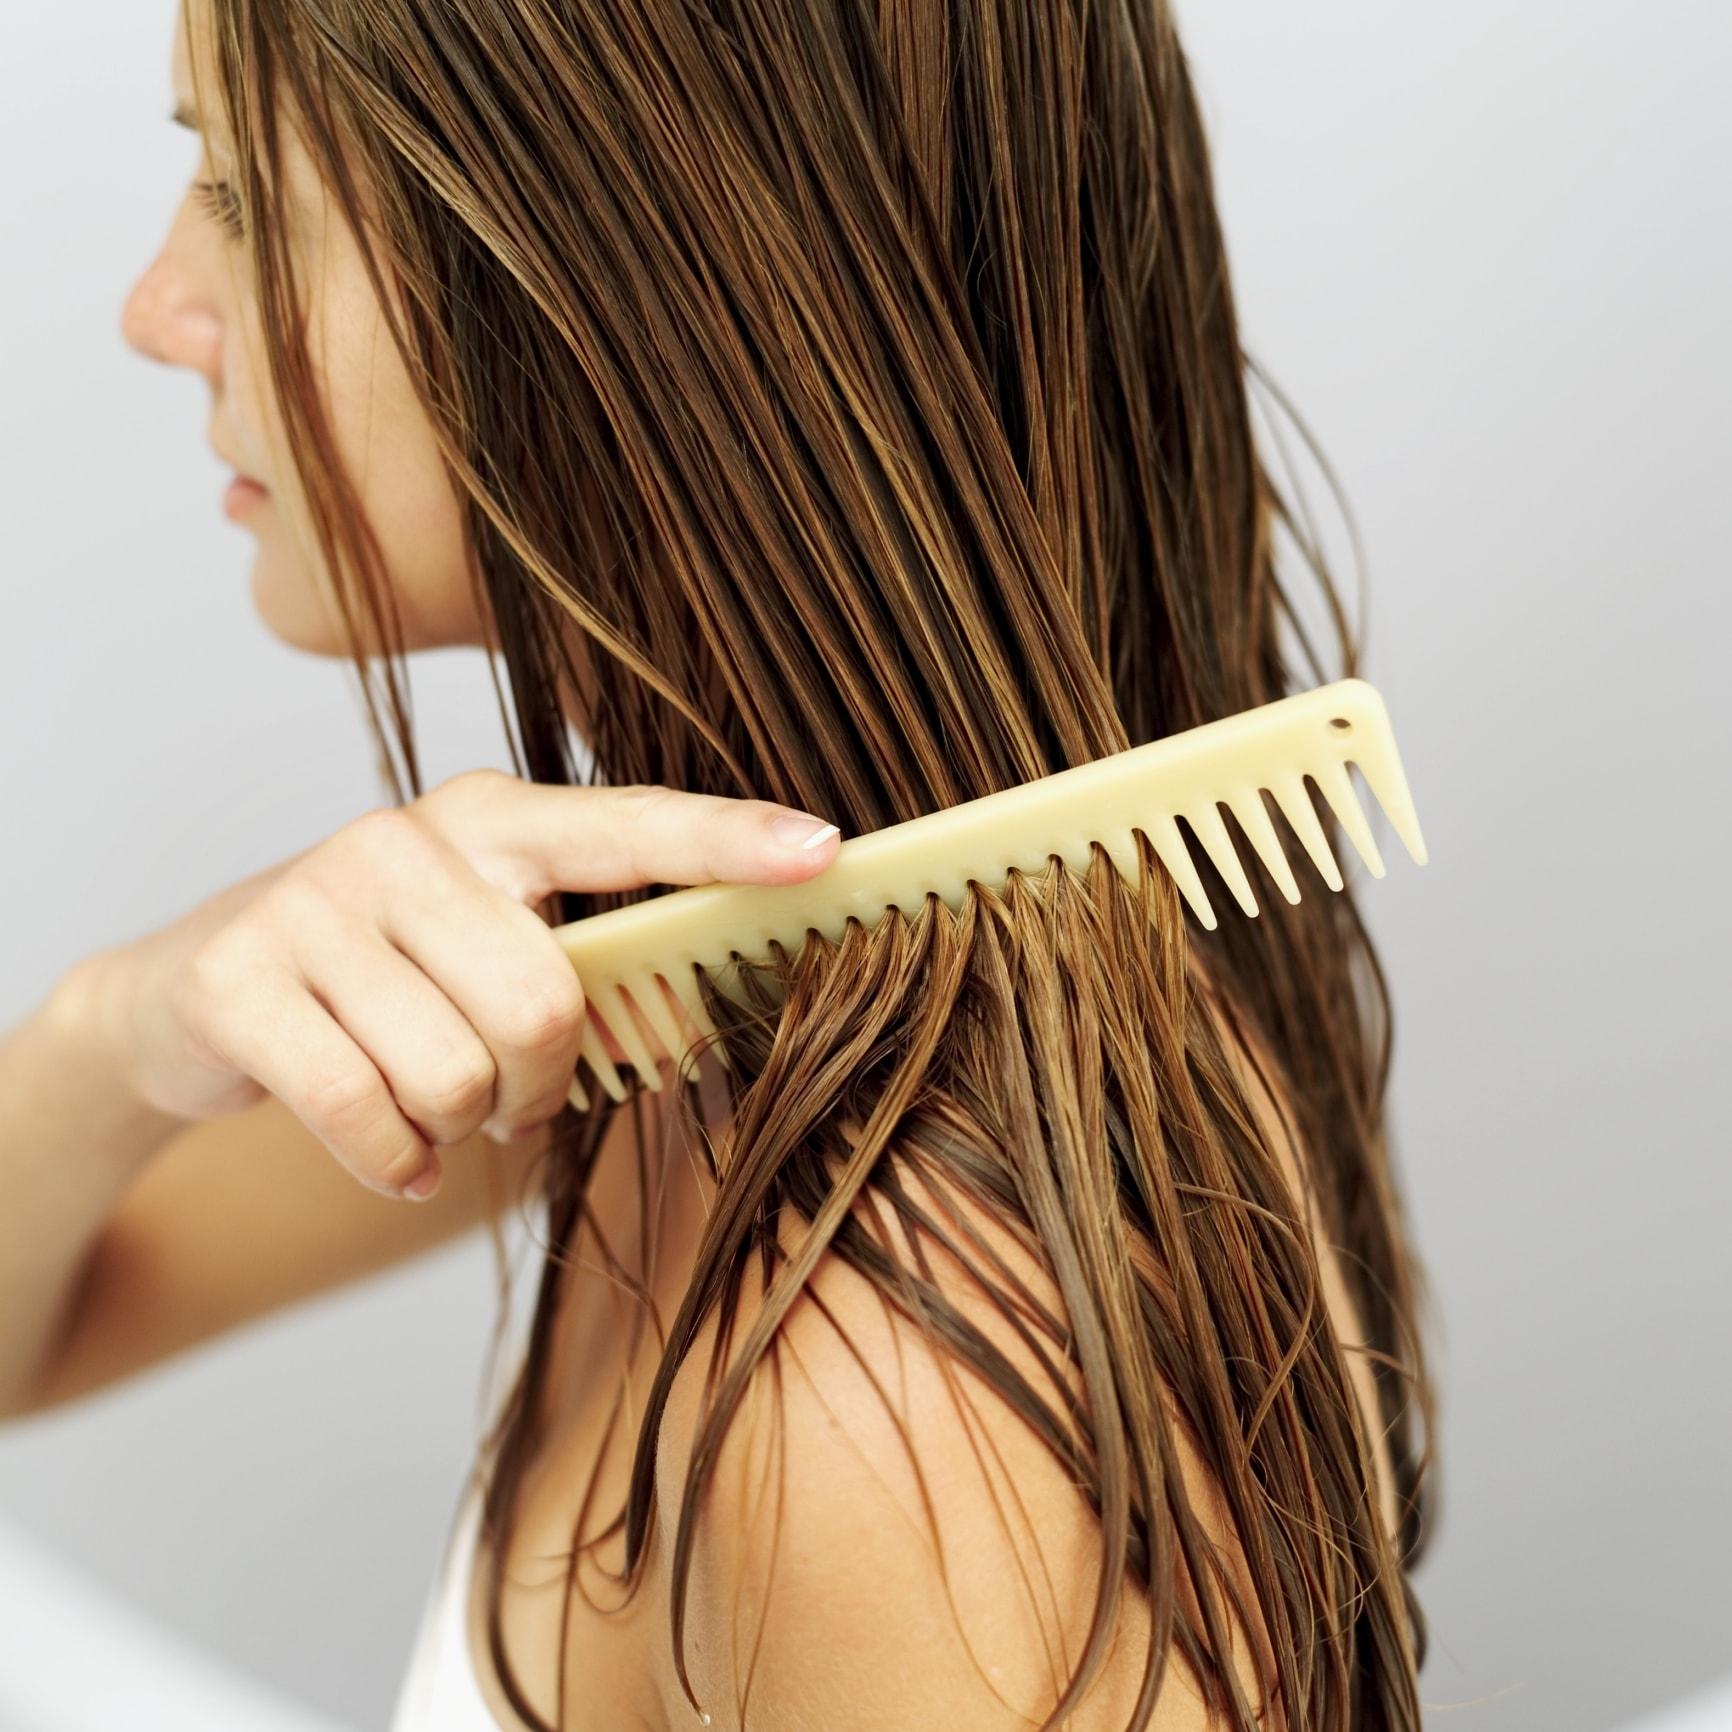 Снится убирать волосы